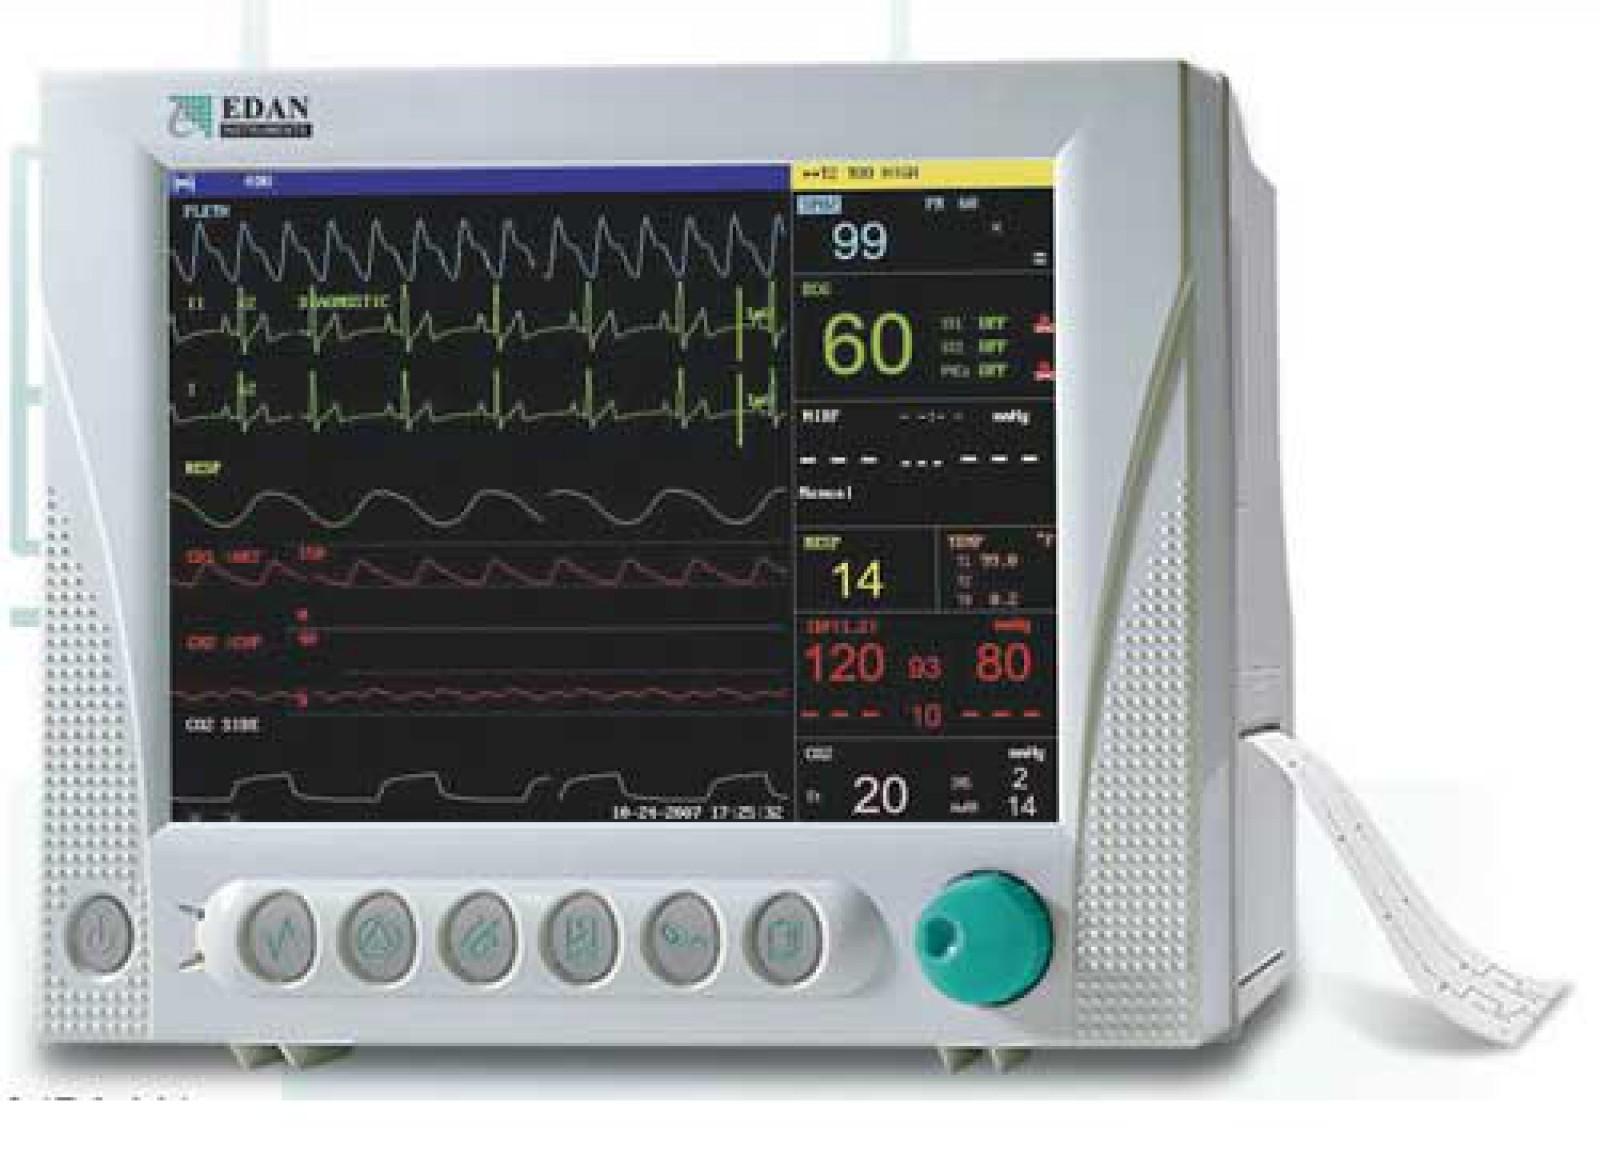 Betegellenőrző monitor - EDAN